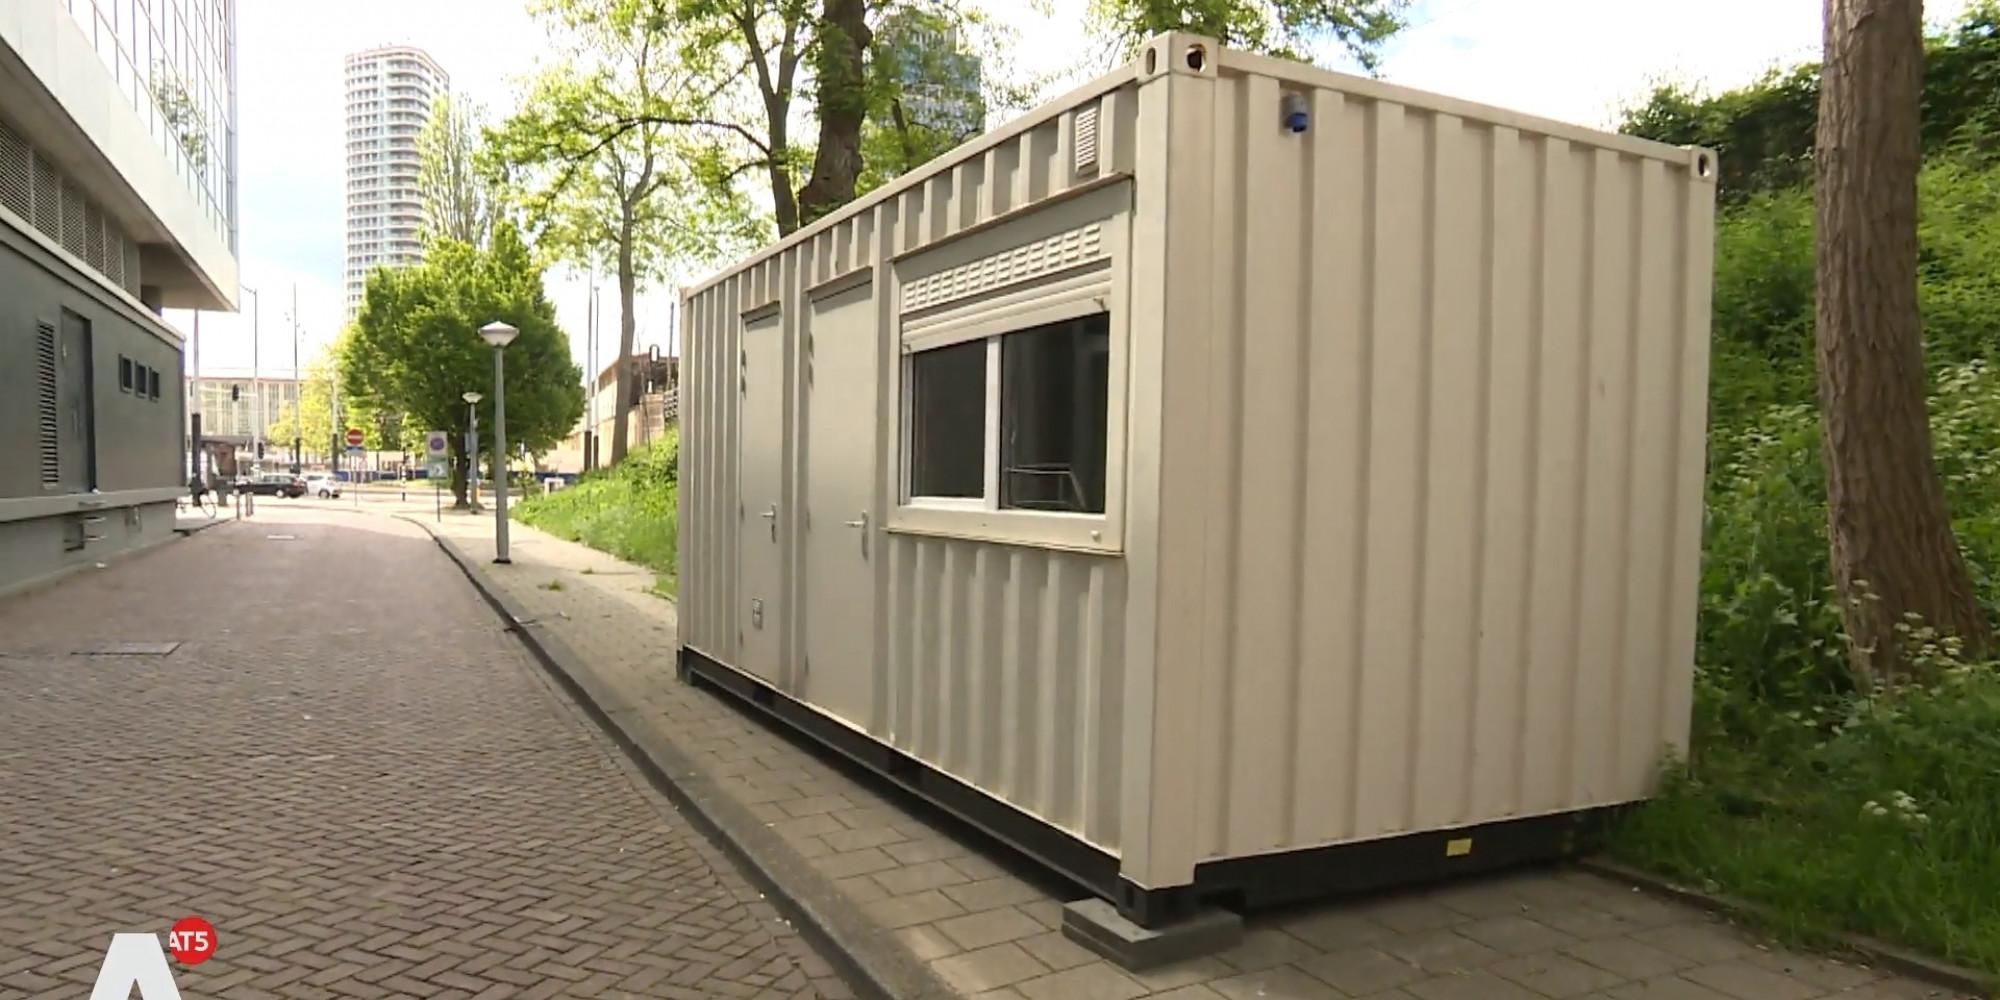 Zeecontainers als illegaal hotel verhuurd via Airbnb